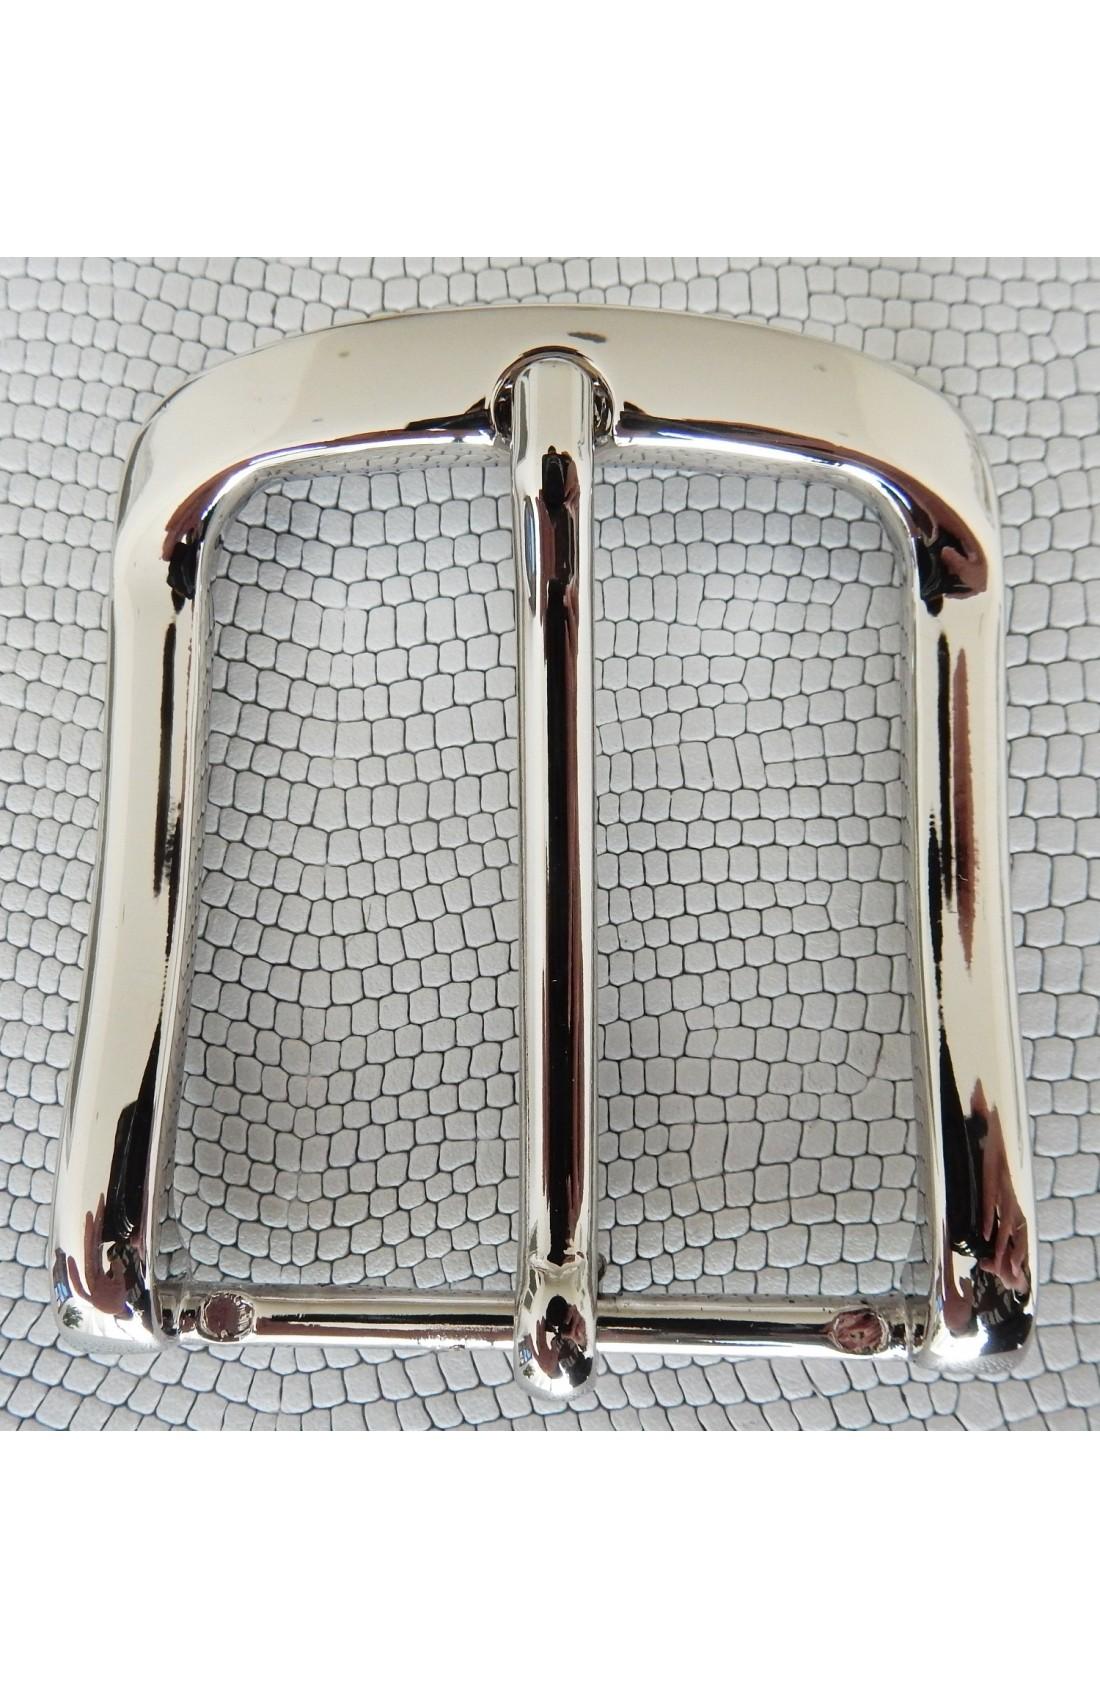 Fibbia Standard R 10 mm.40 nikel free (1)